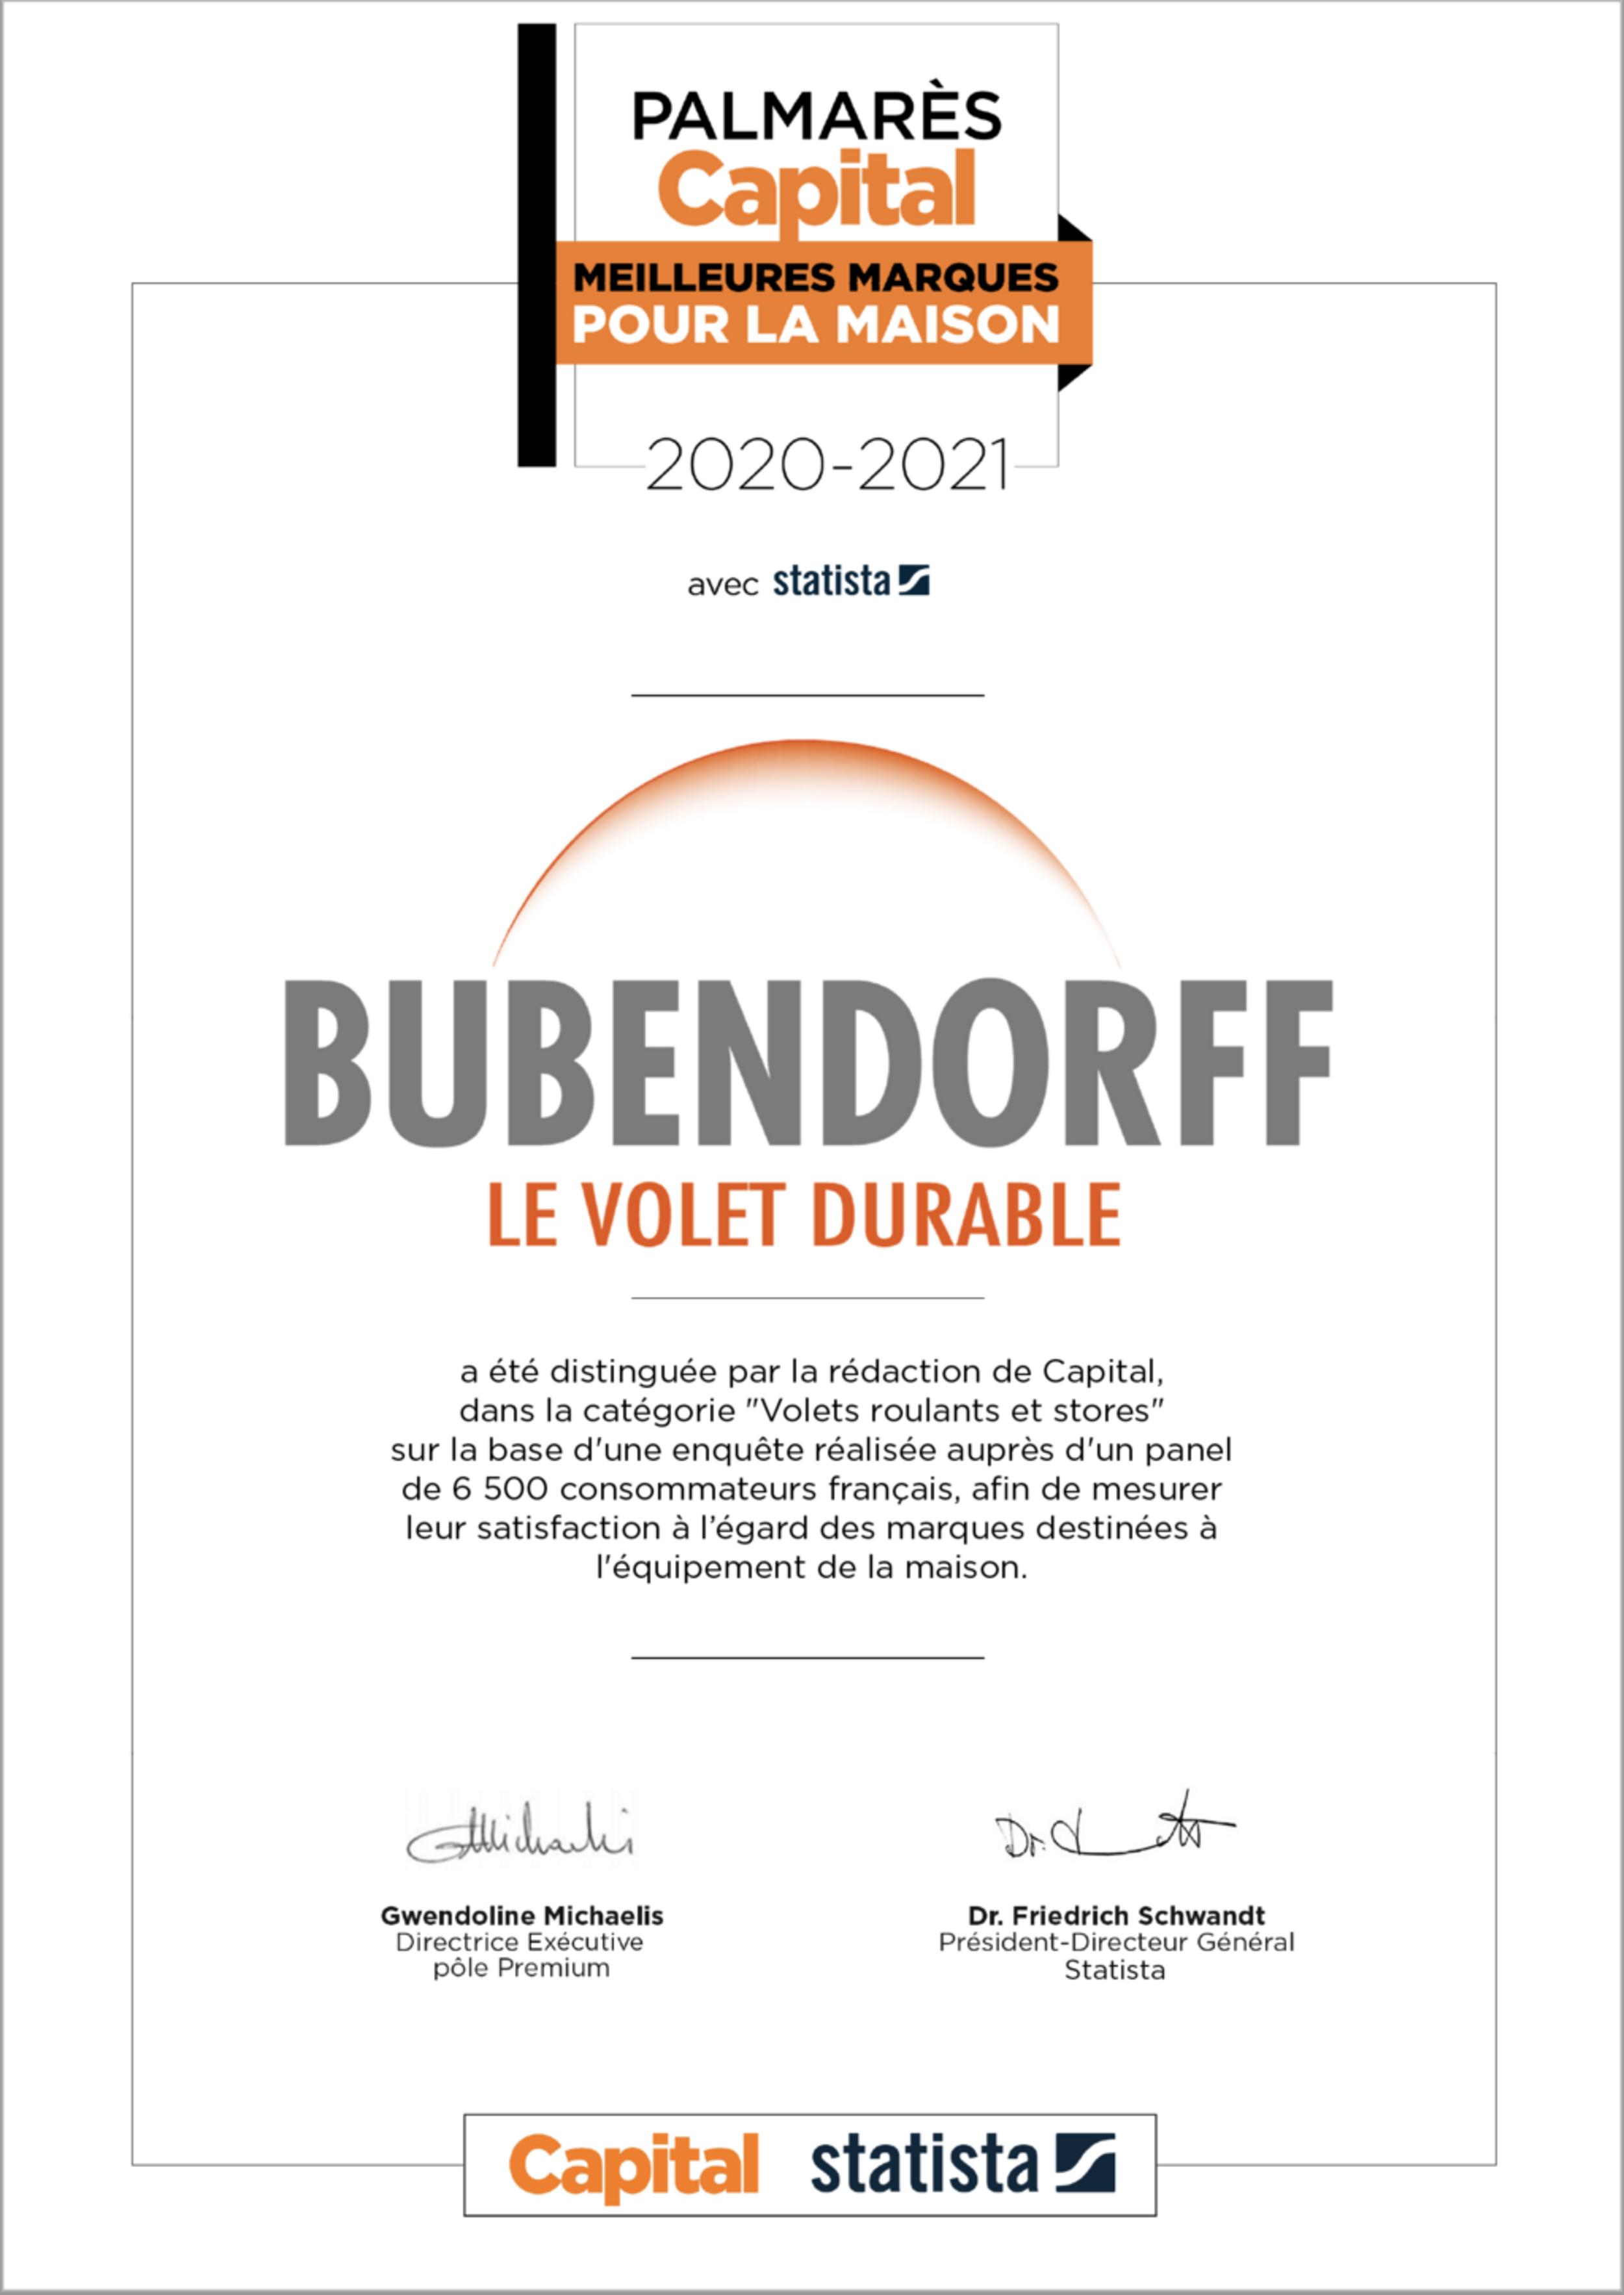 Volets Bubendorff : le volet durable